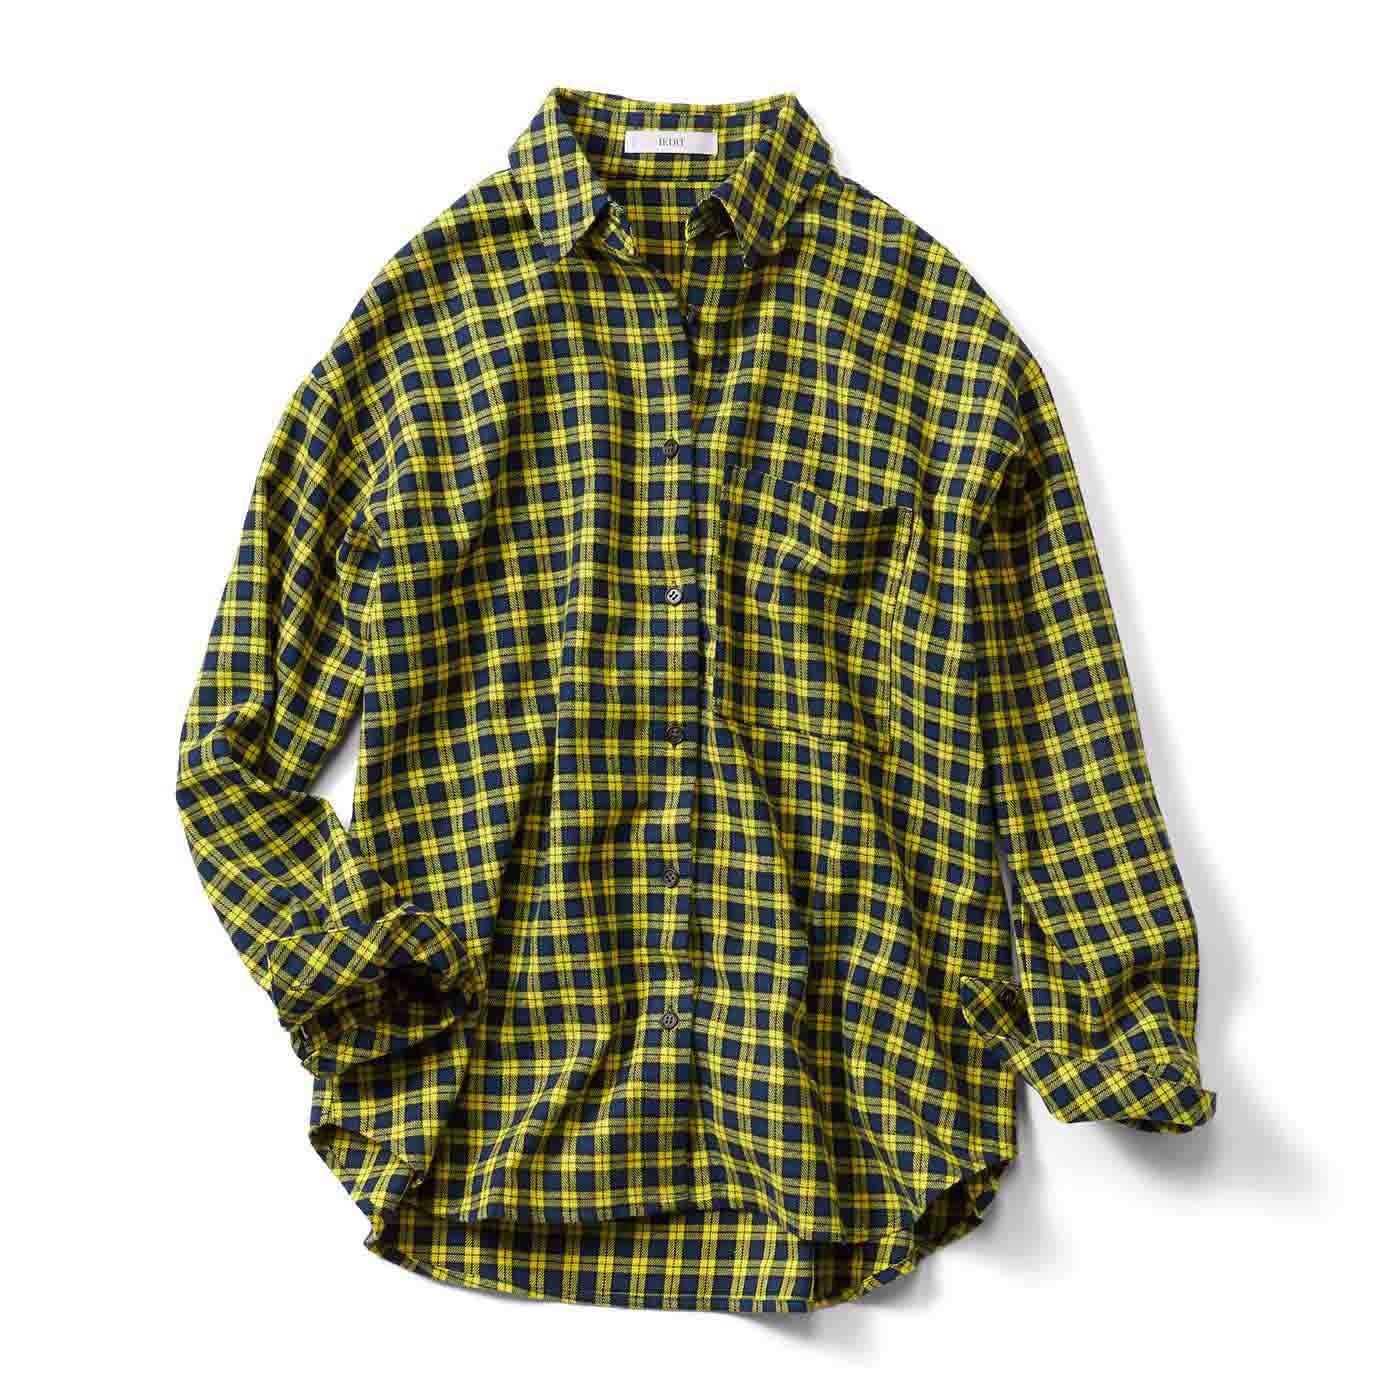 牧野紗弥さん×IEDIT[イディット] メンズライクシルエットのはおりにもなるチェックパターンシャツ〈イエロー〉